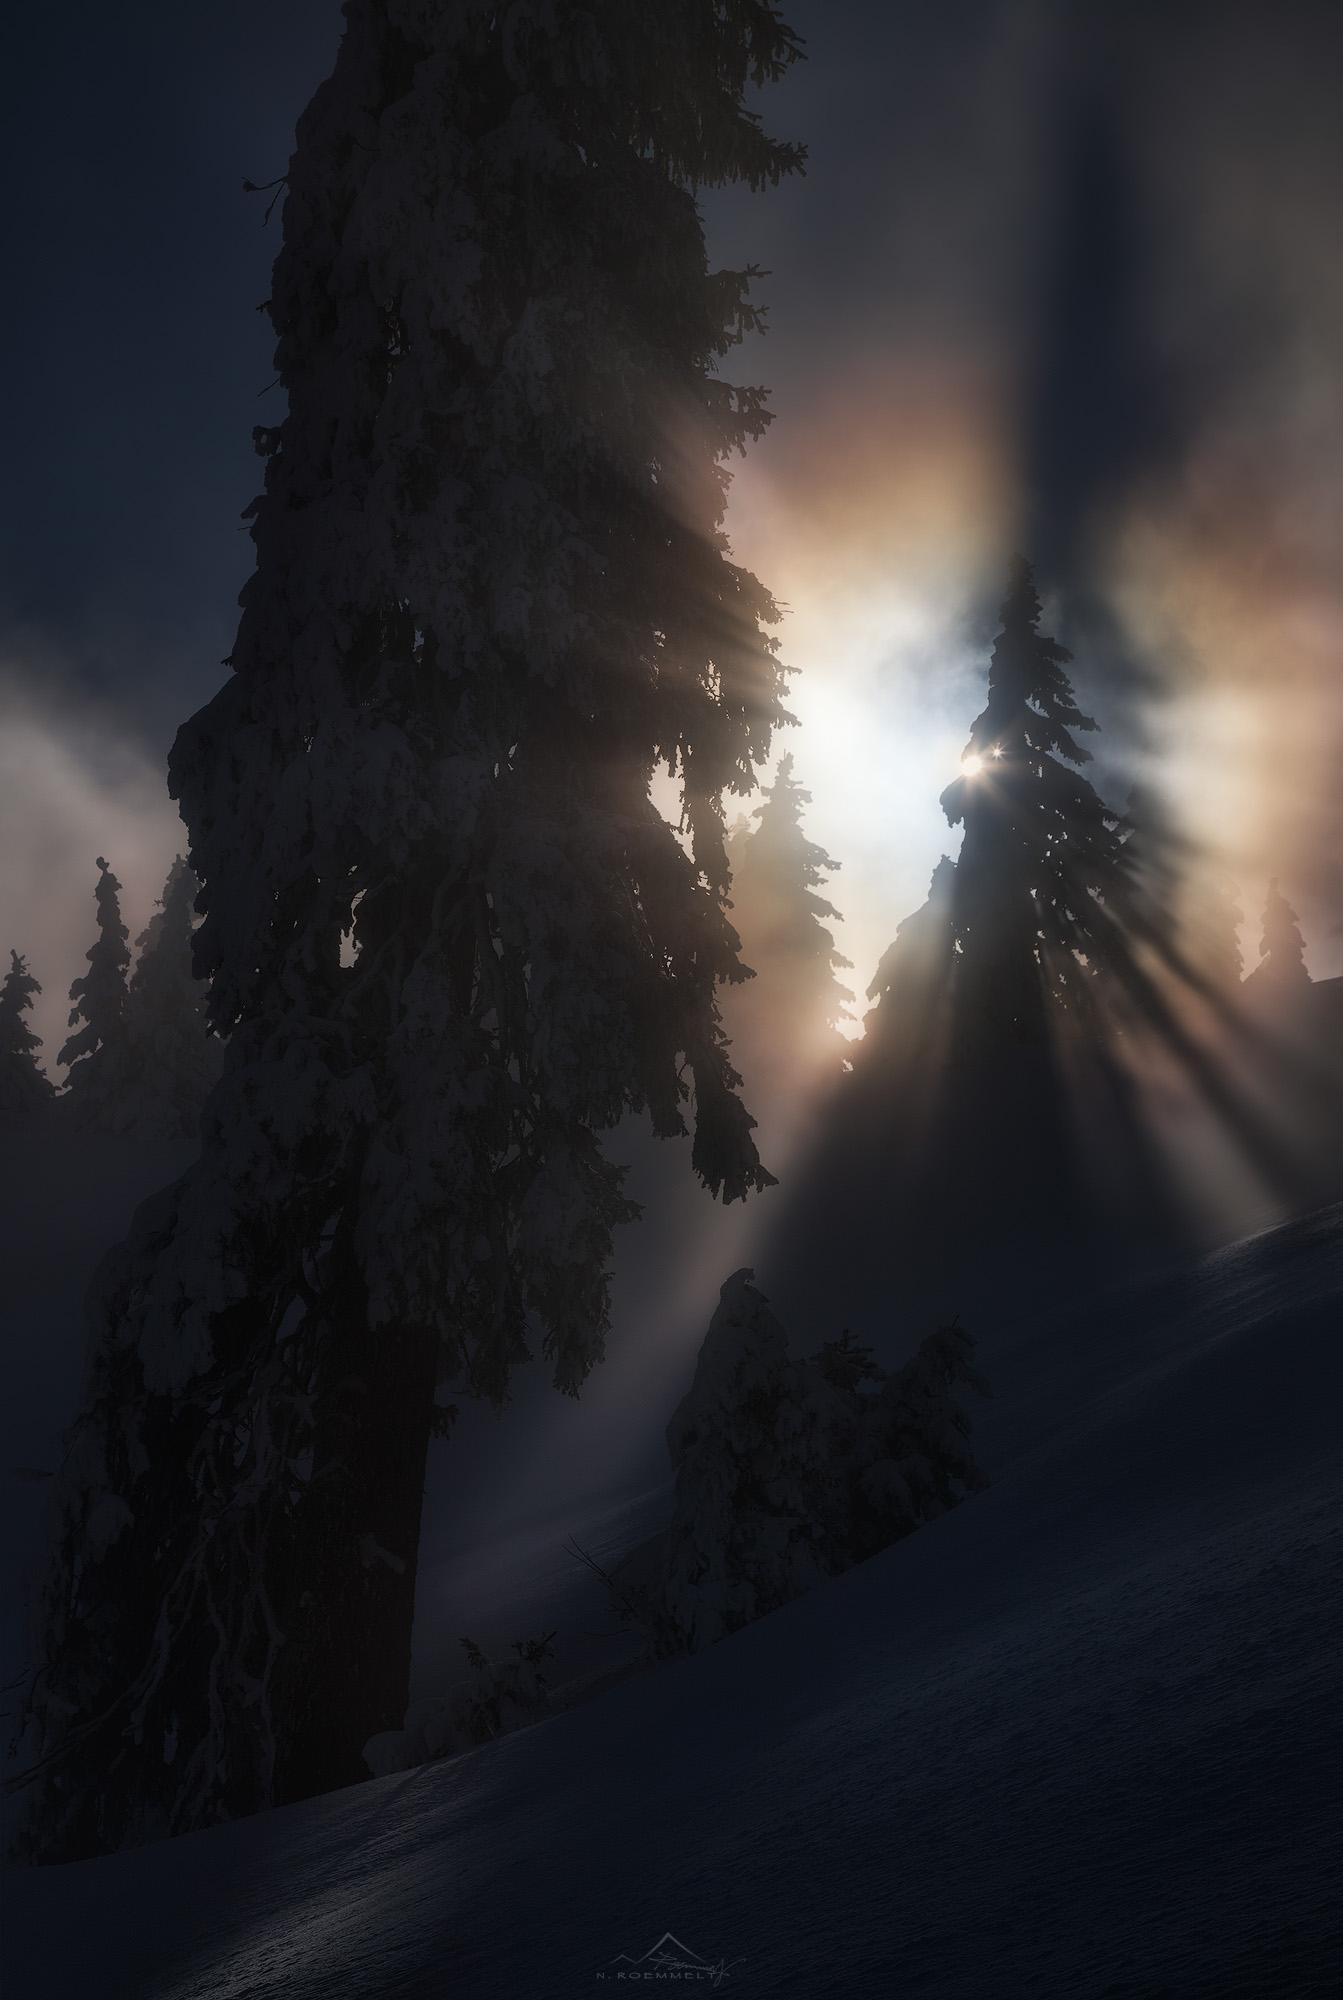 An der Obergrenze des Hochnebels ist es dann soweit: hier finden wir genau die mystischen Stimmungen aus dem Zusammenspiel von Nebel, Licht, tief verschneite und vereiste Bäume und Schatten, die wir gesucht hatten ...